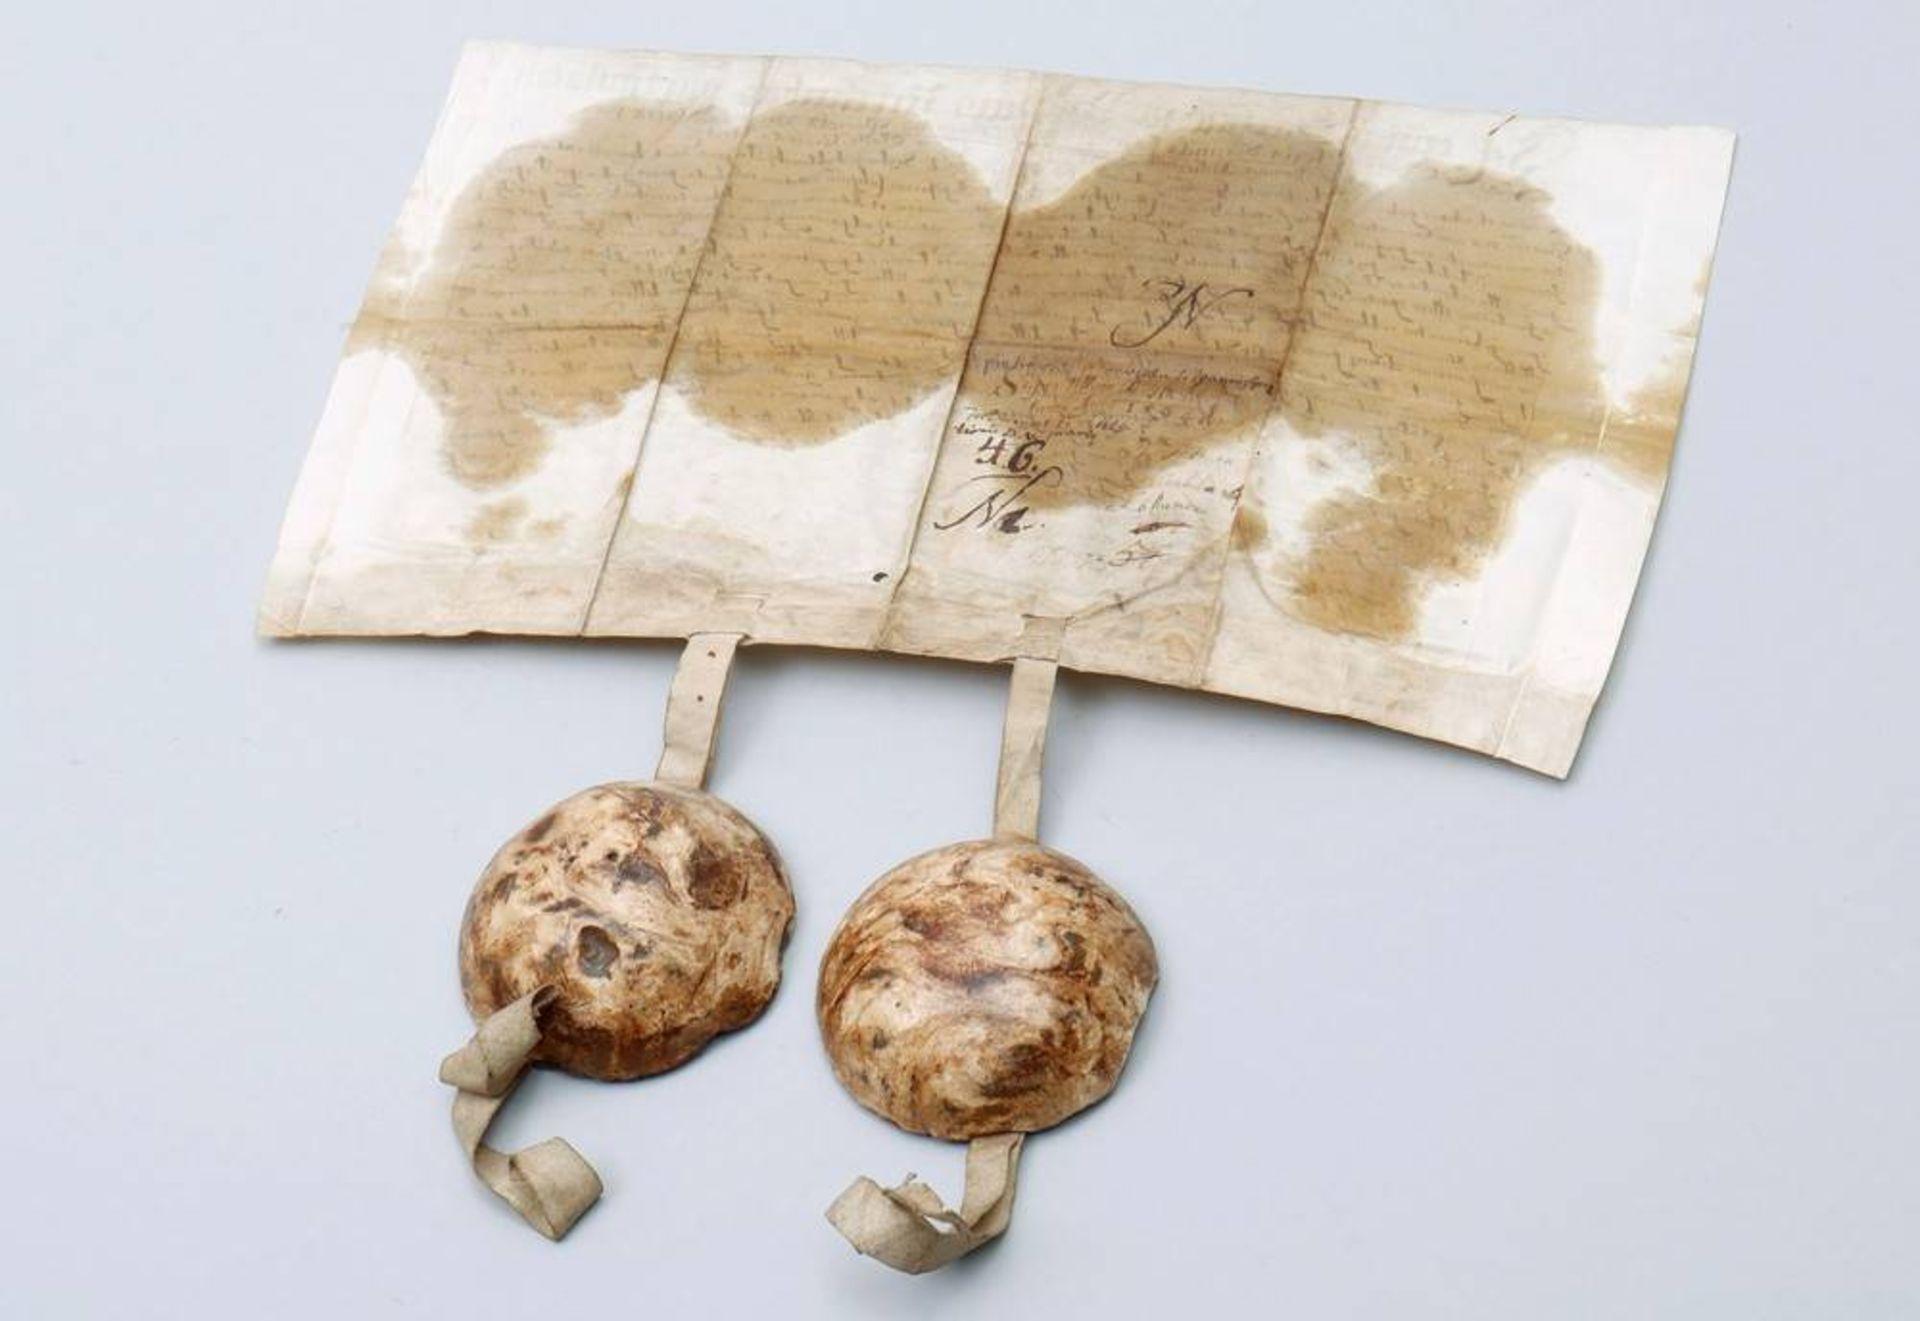 Dokument mit 2 Rotsiegeln, Gnesen (Heute Gnieznow, Polen), um 1594 - Image 2 of 7